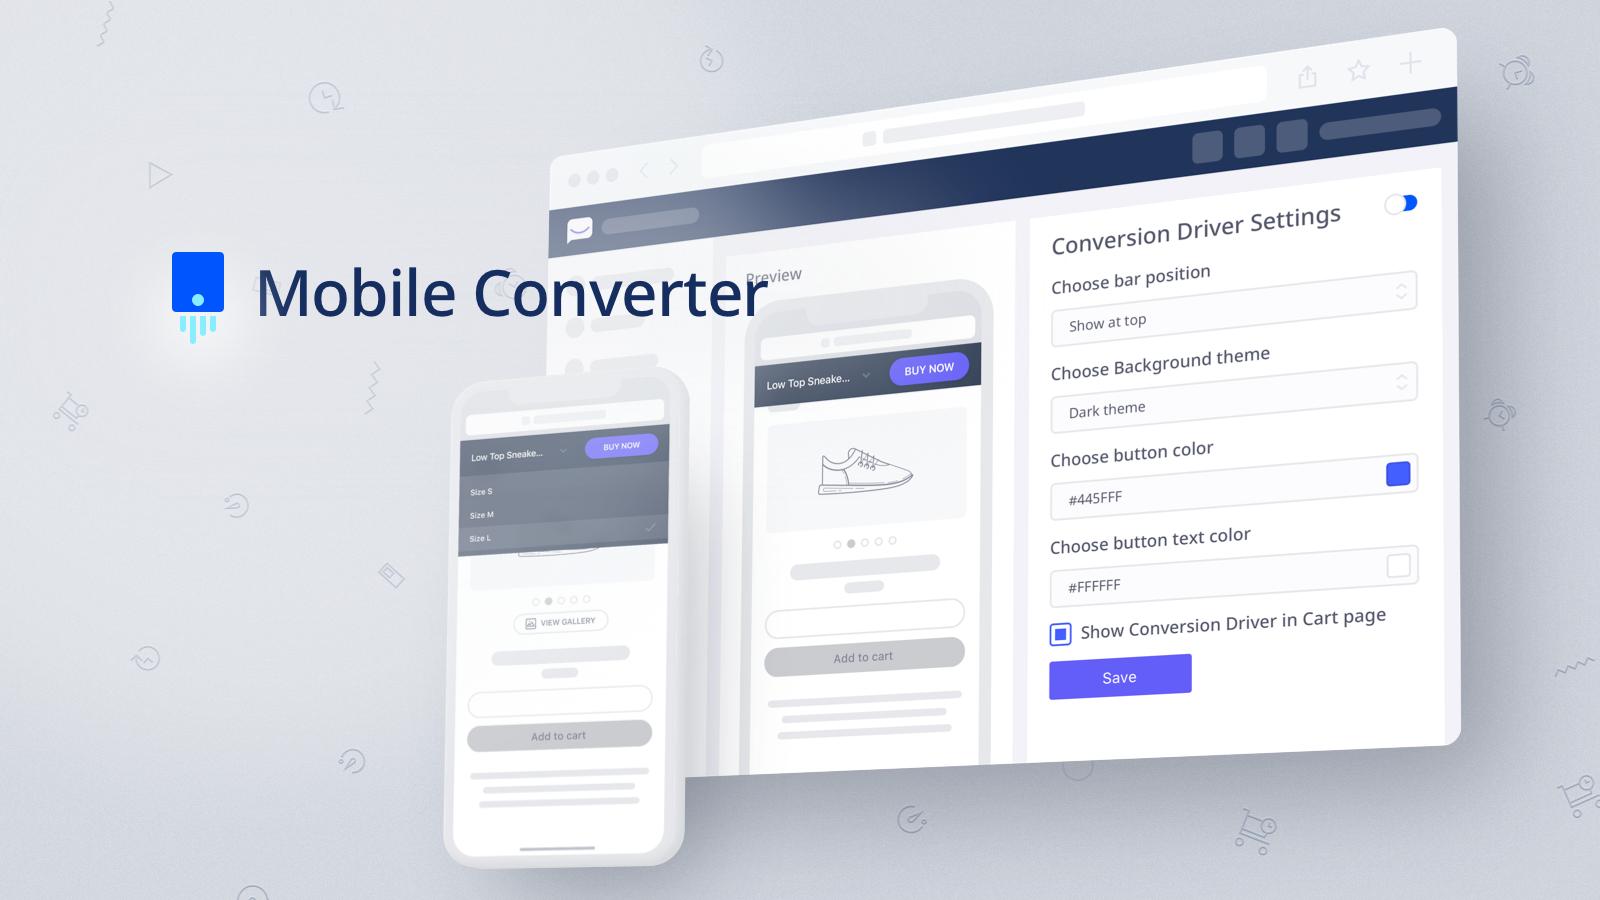 Maximize your mobile conversions & revenue